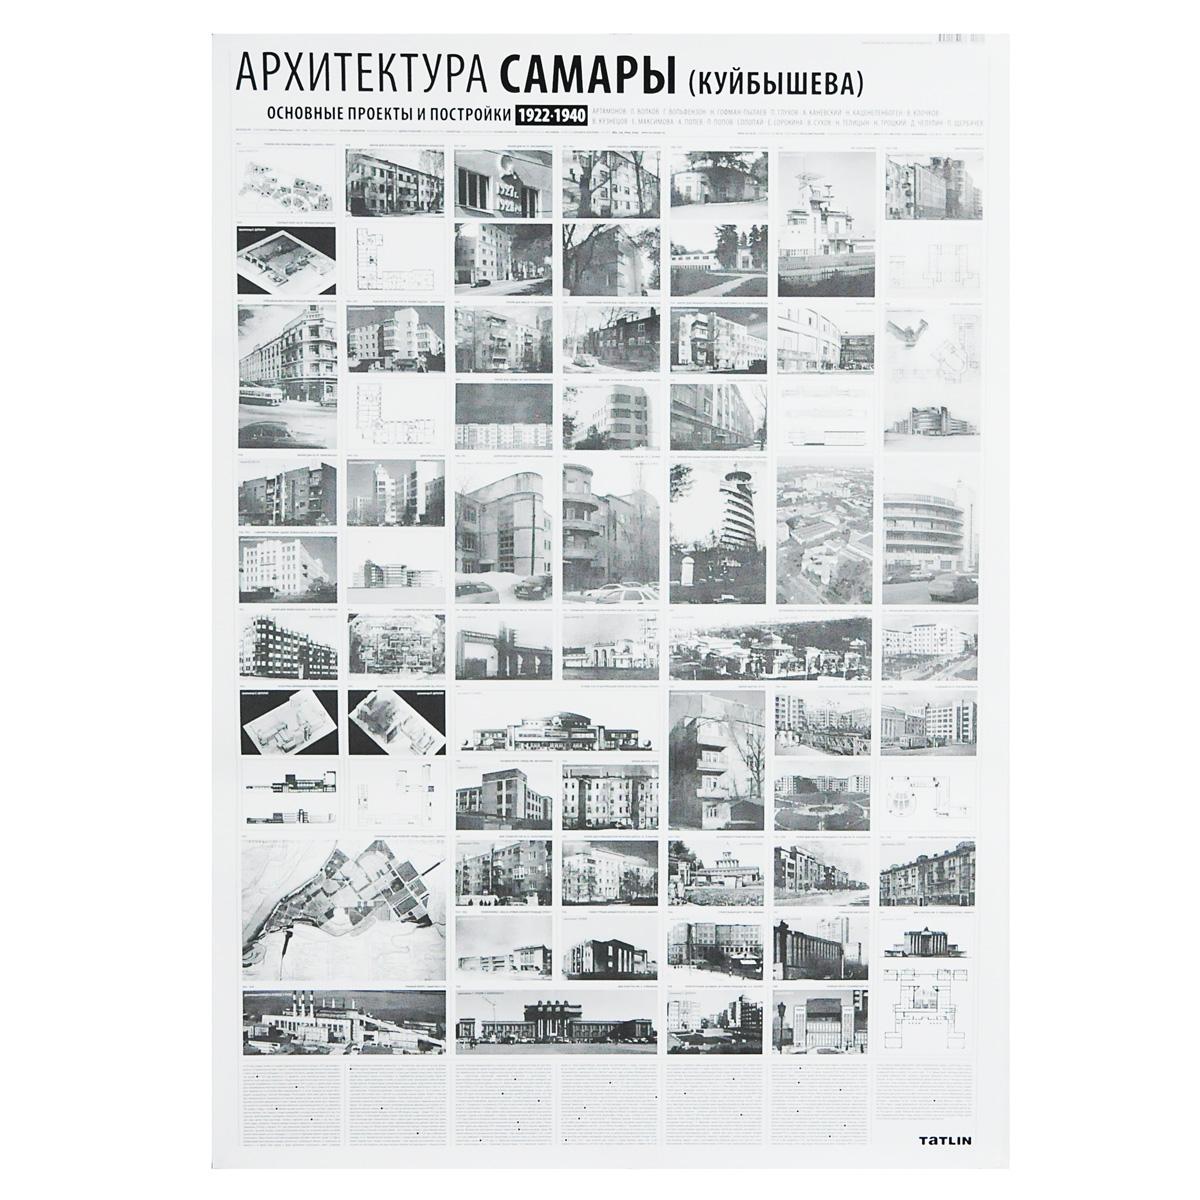 Archilog №9. Архитектура Самары (Куйбышева). 1922-1940. Плакат